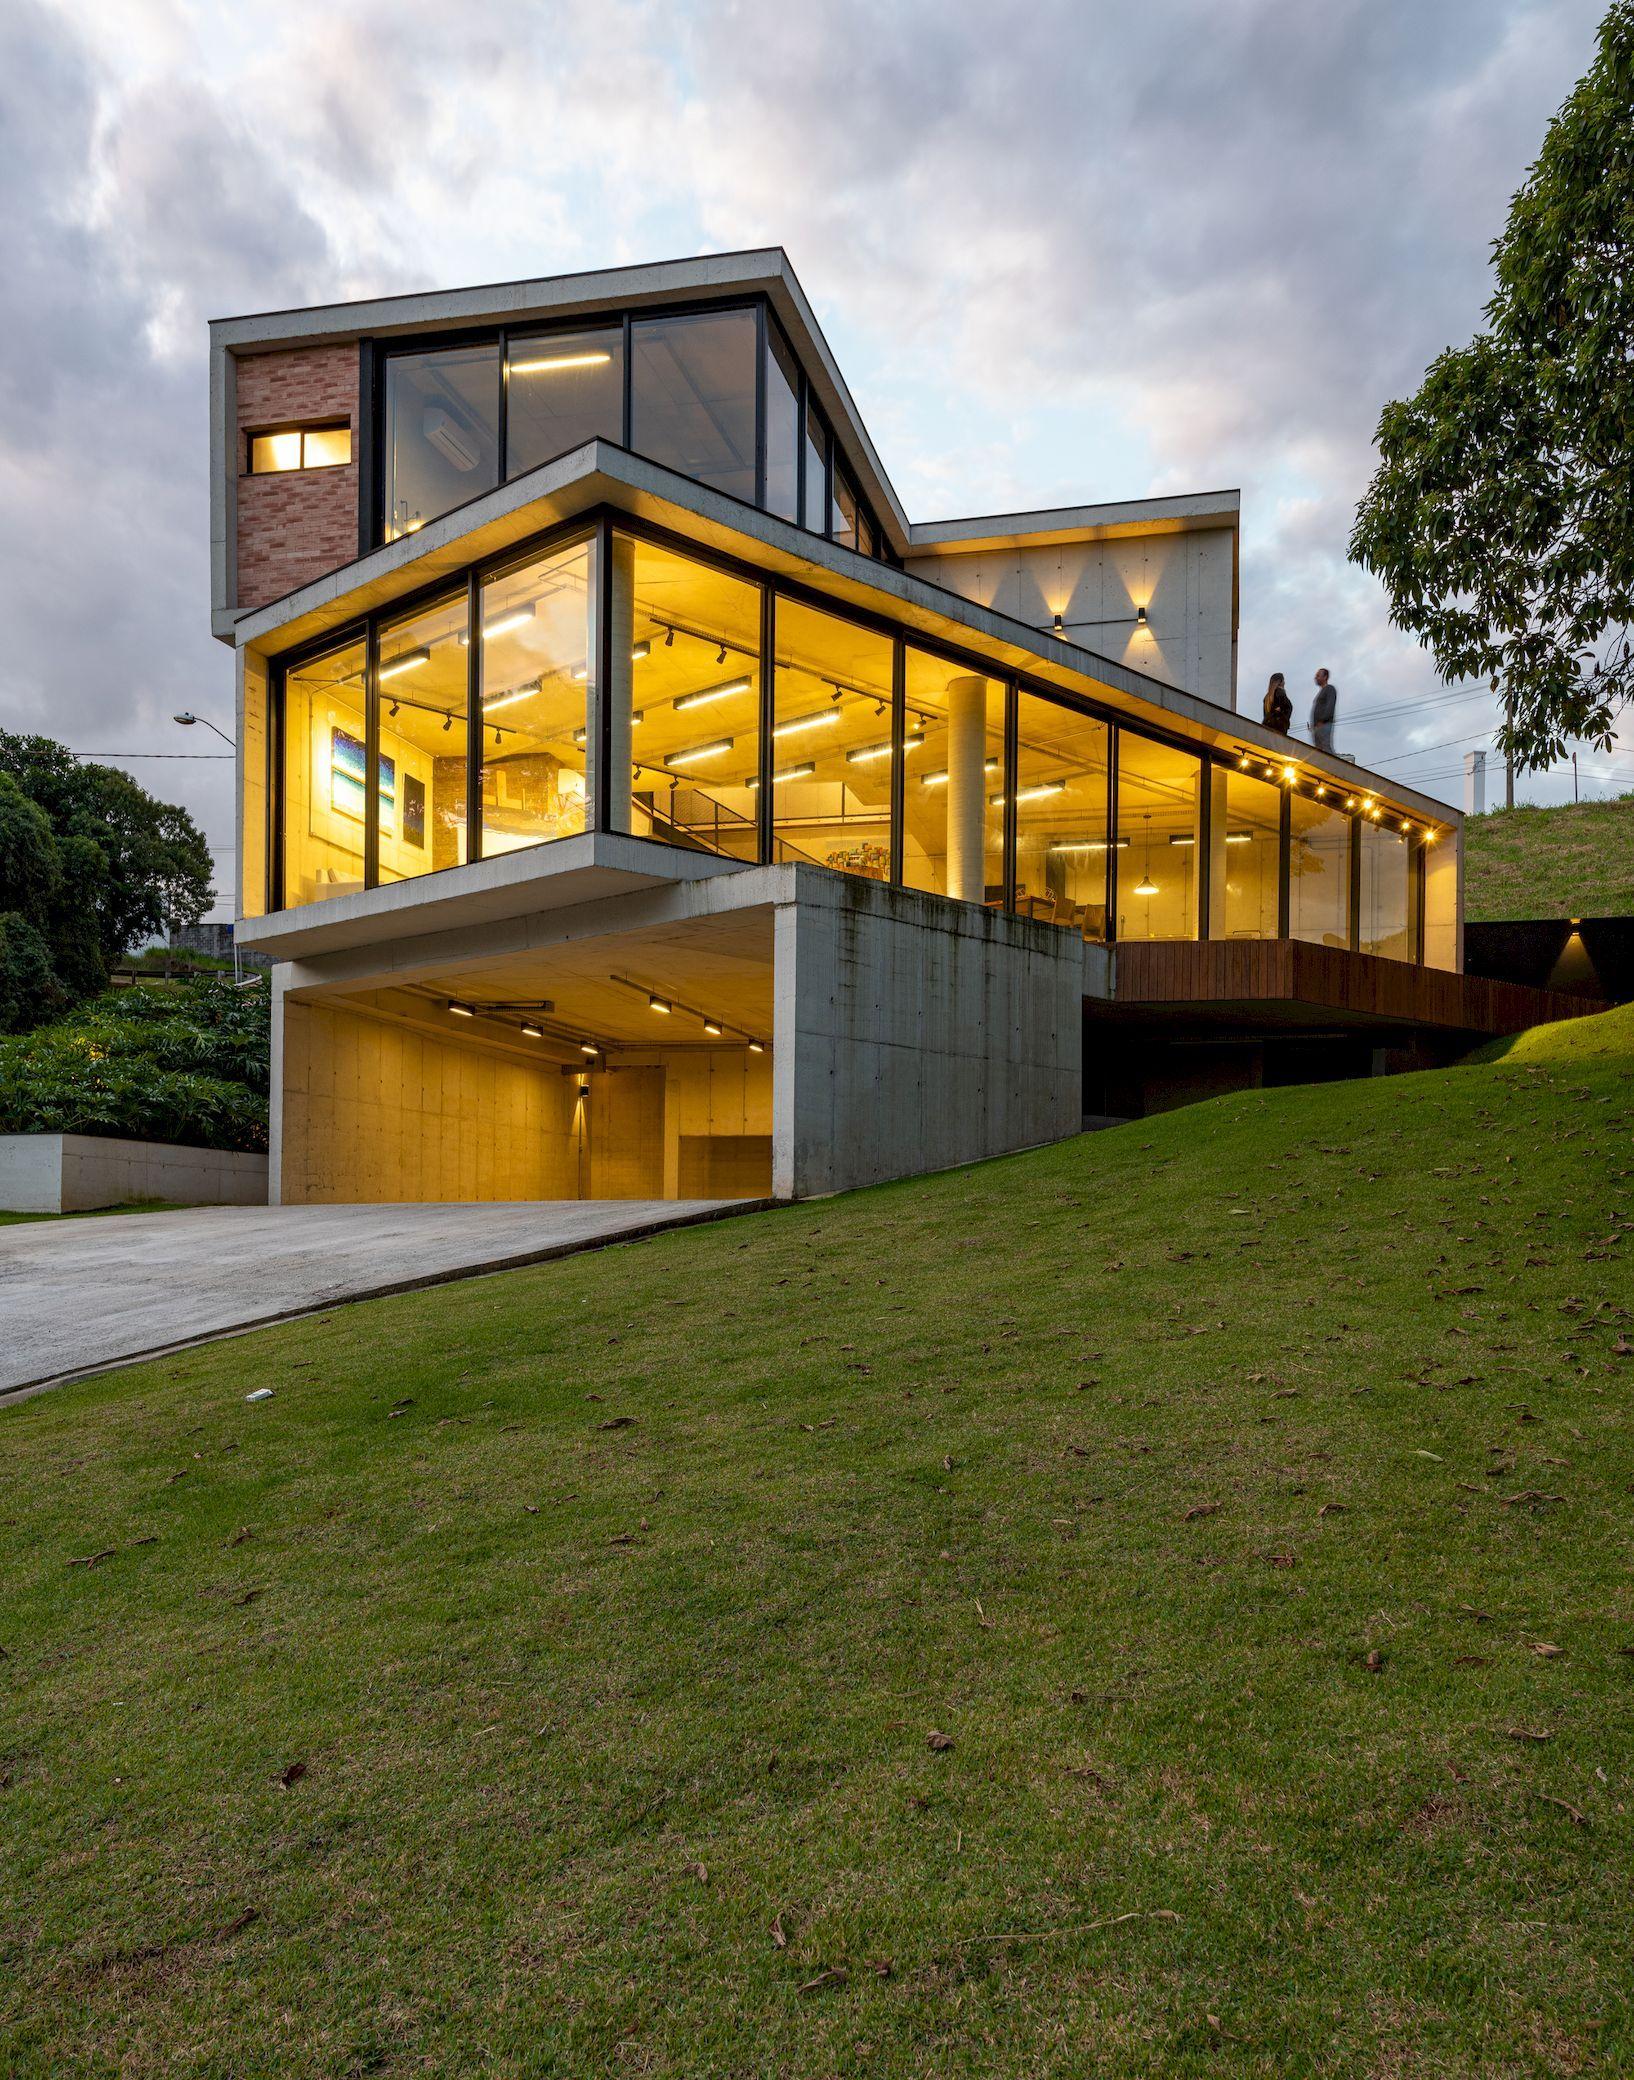 Atelie House Arqexact Arch2o Com In 2020 Facade House Modern Architecture House Architecture House